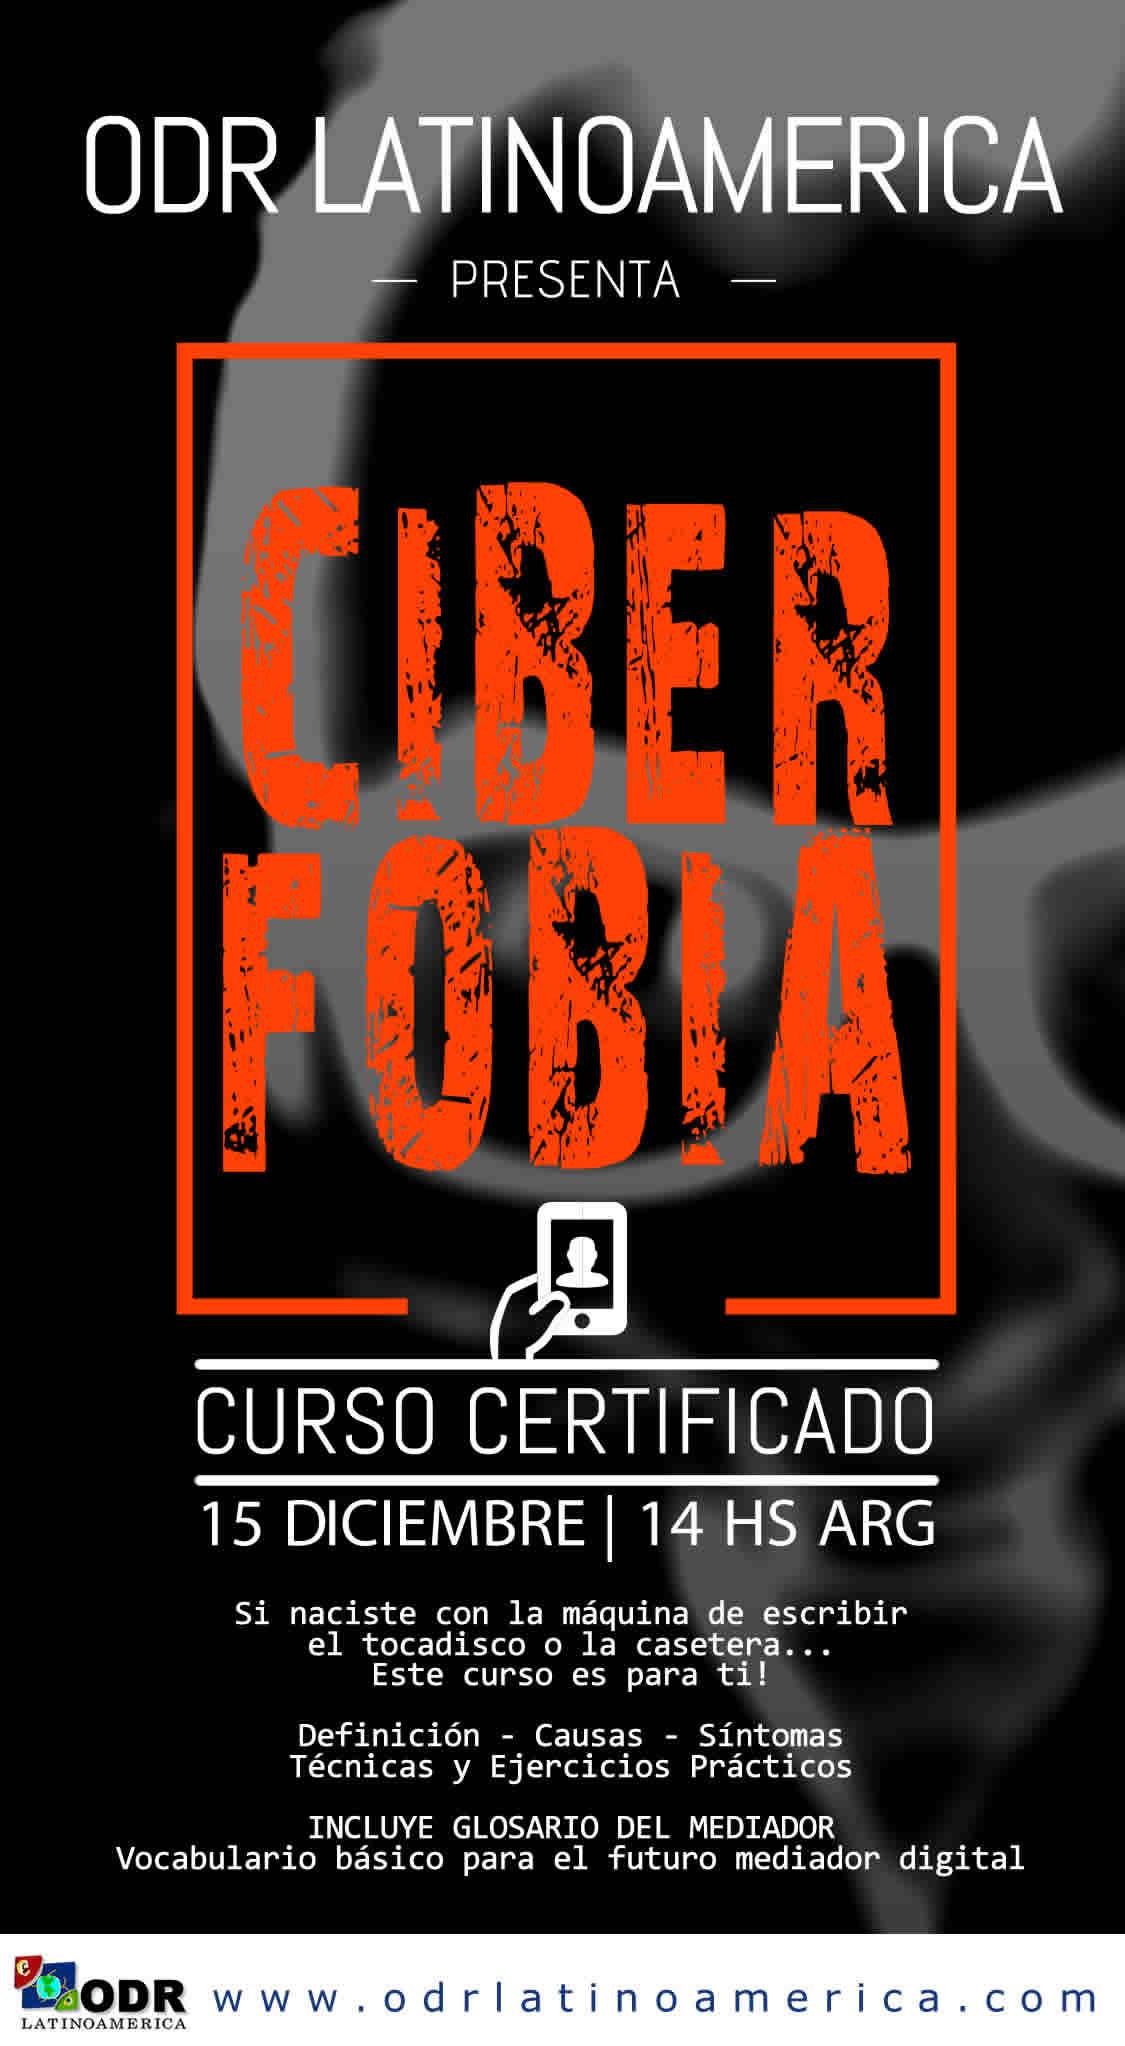 Ciberfobia Diciembre 15